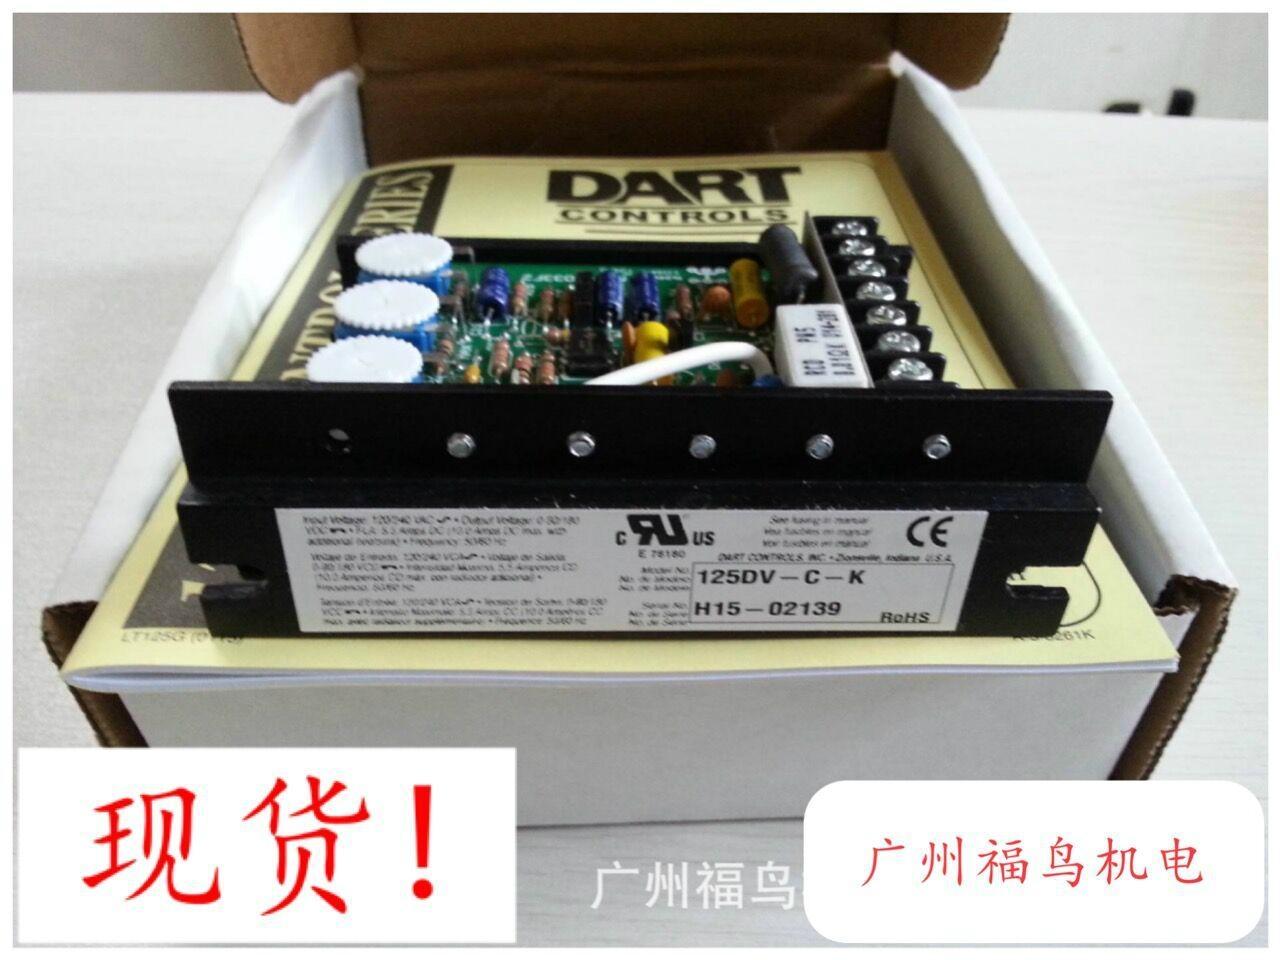 DART调速器, 型号:125DV-C-K